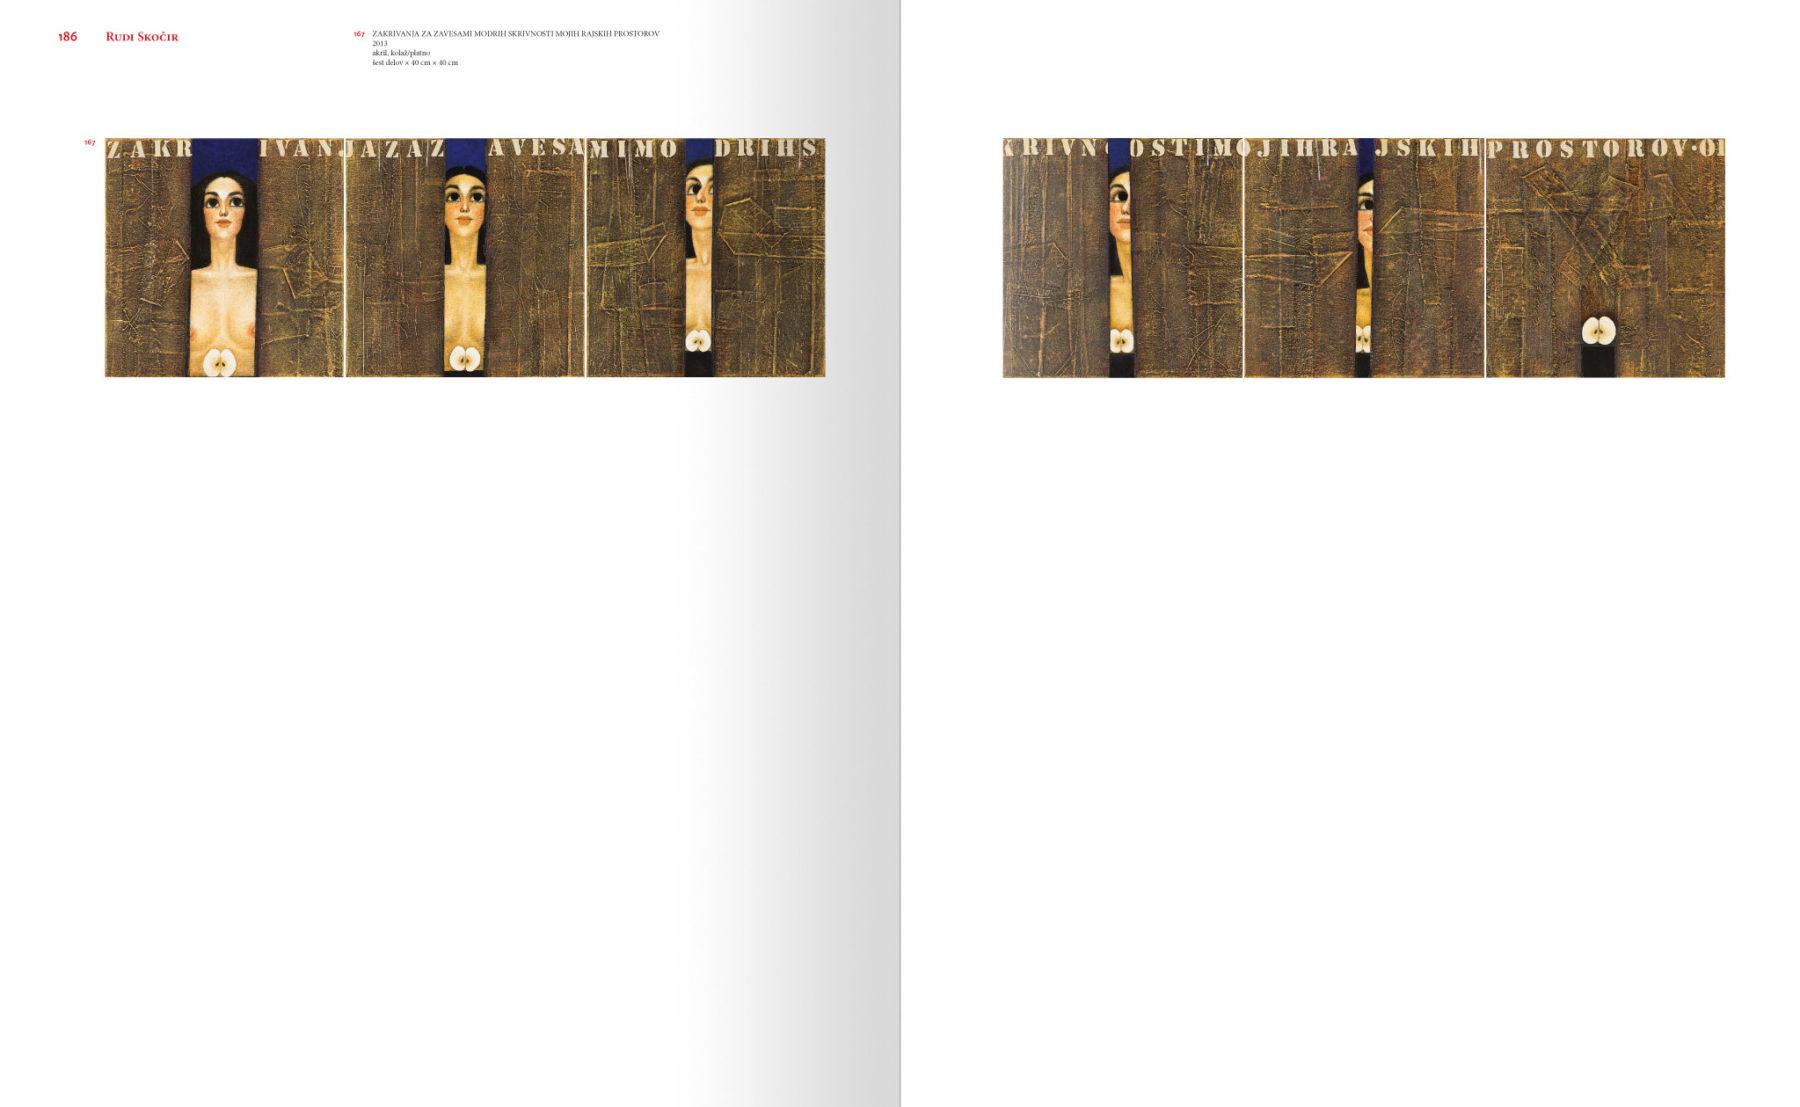 Strani 186 in 187